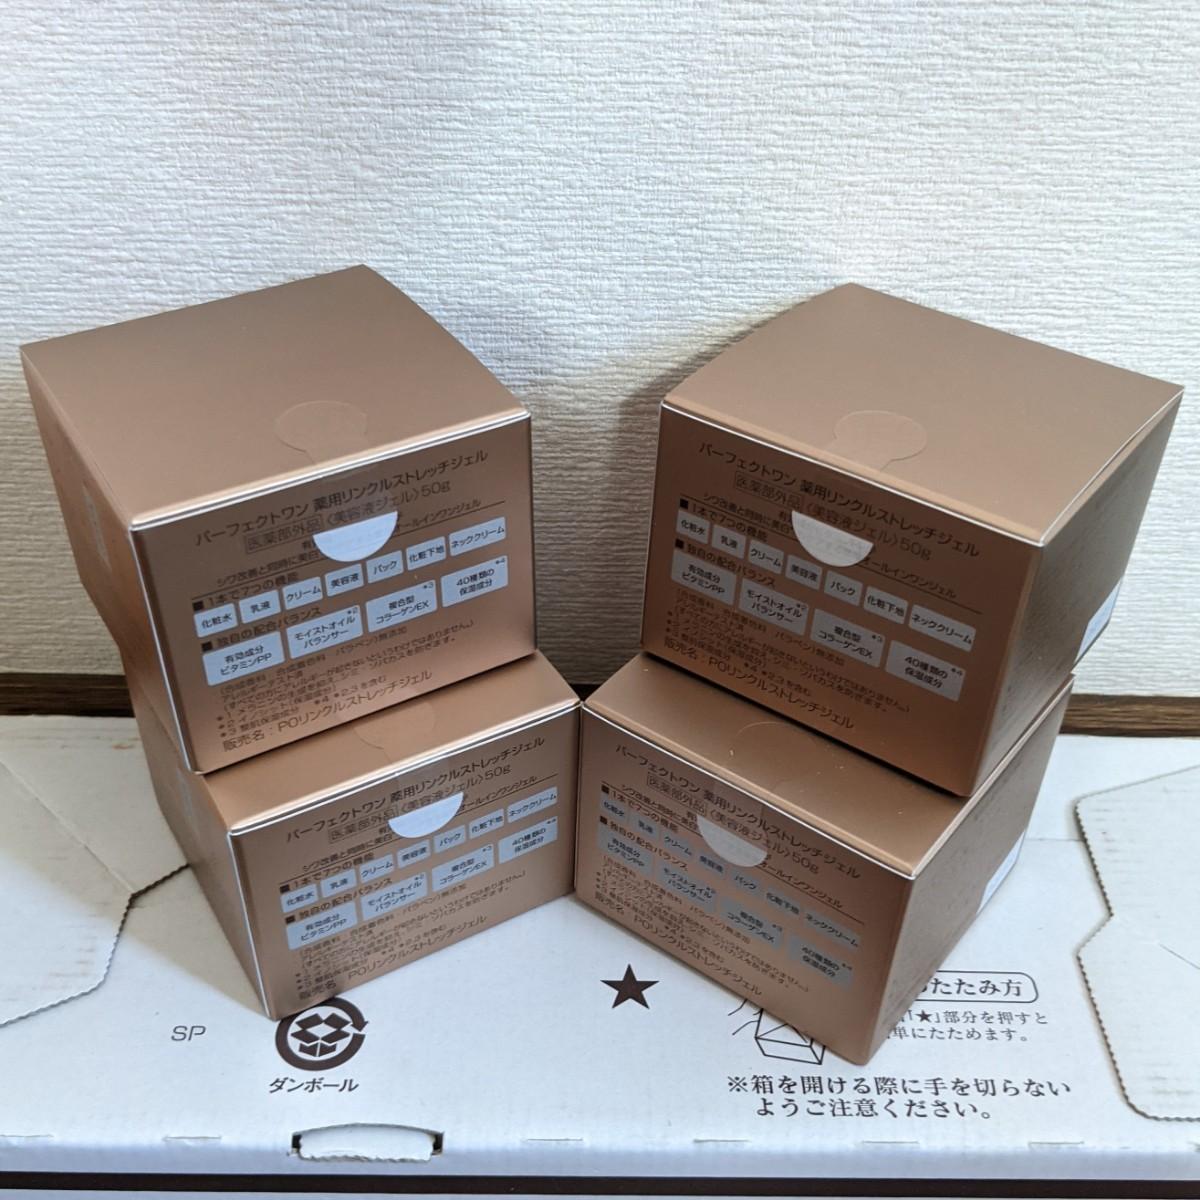 パーフェクトワン 薬用リンクルストレッチジェル 4個セット 新日本製薬  リンクルジェル リンクルストレッチジェル